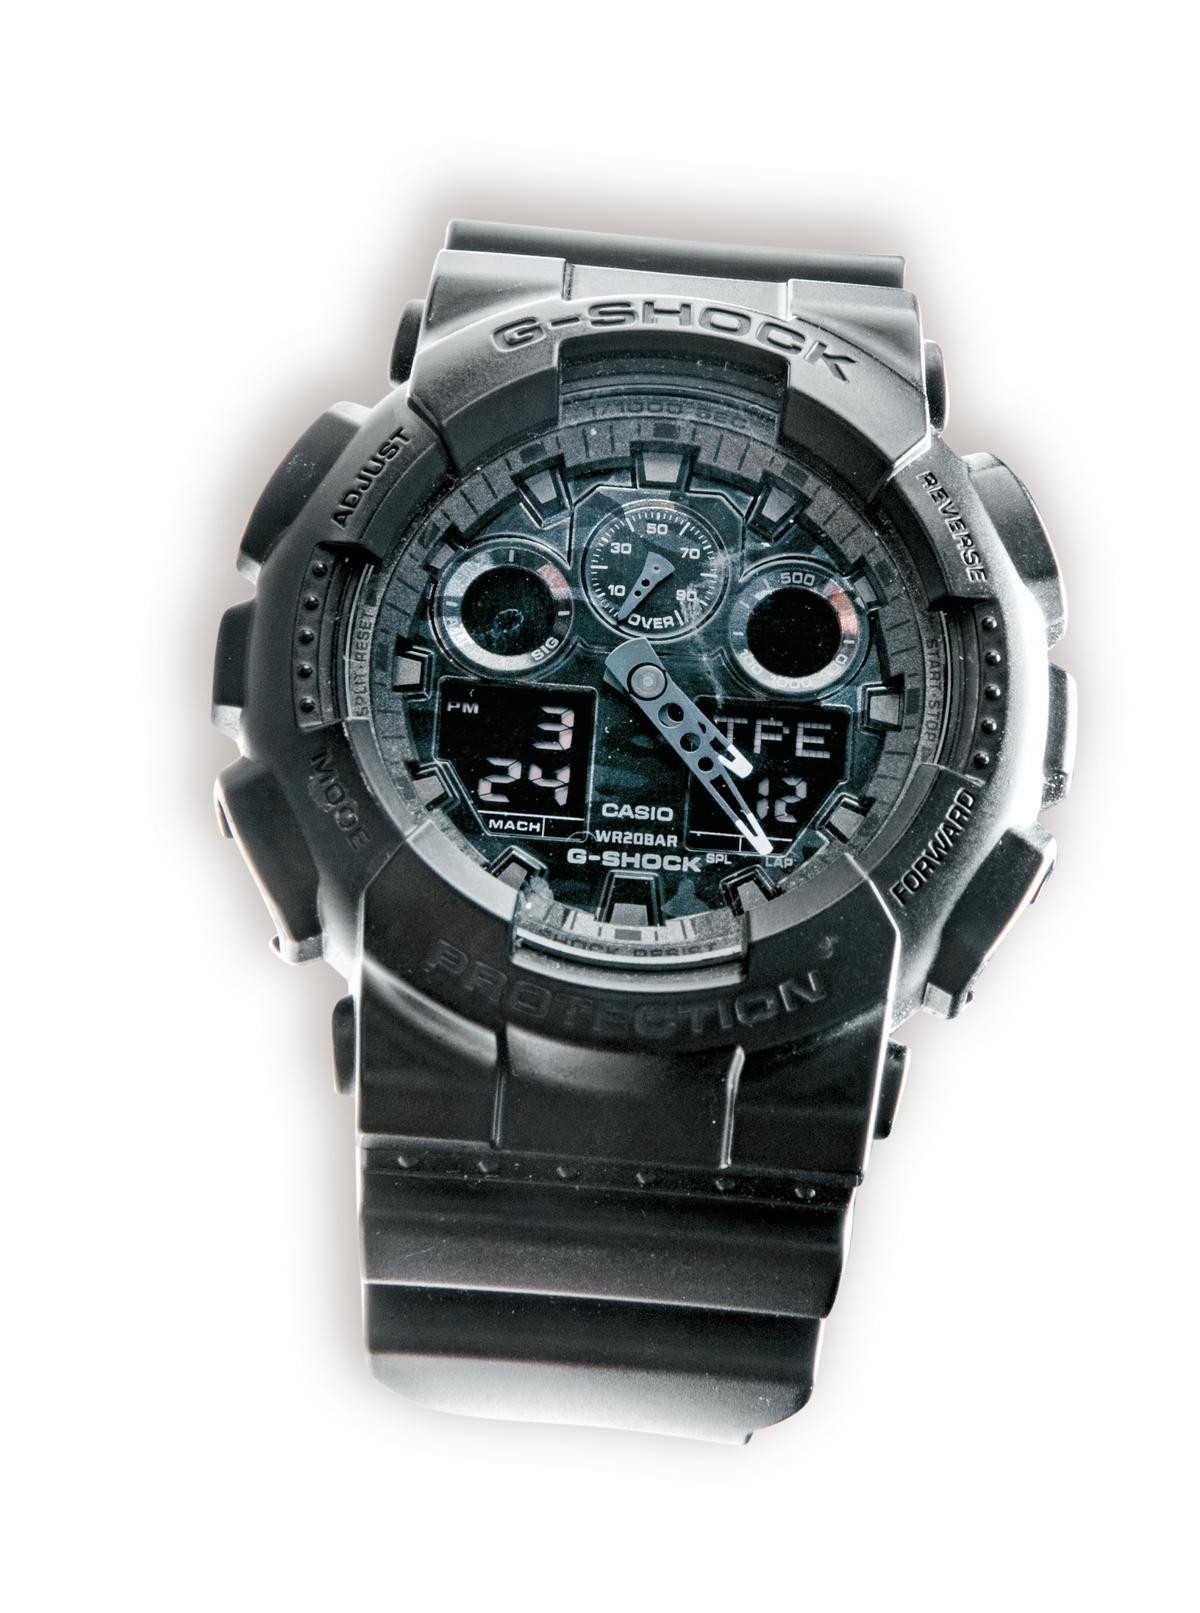 G-SHOCK黑色手錶。約NT$6,000